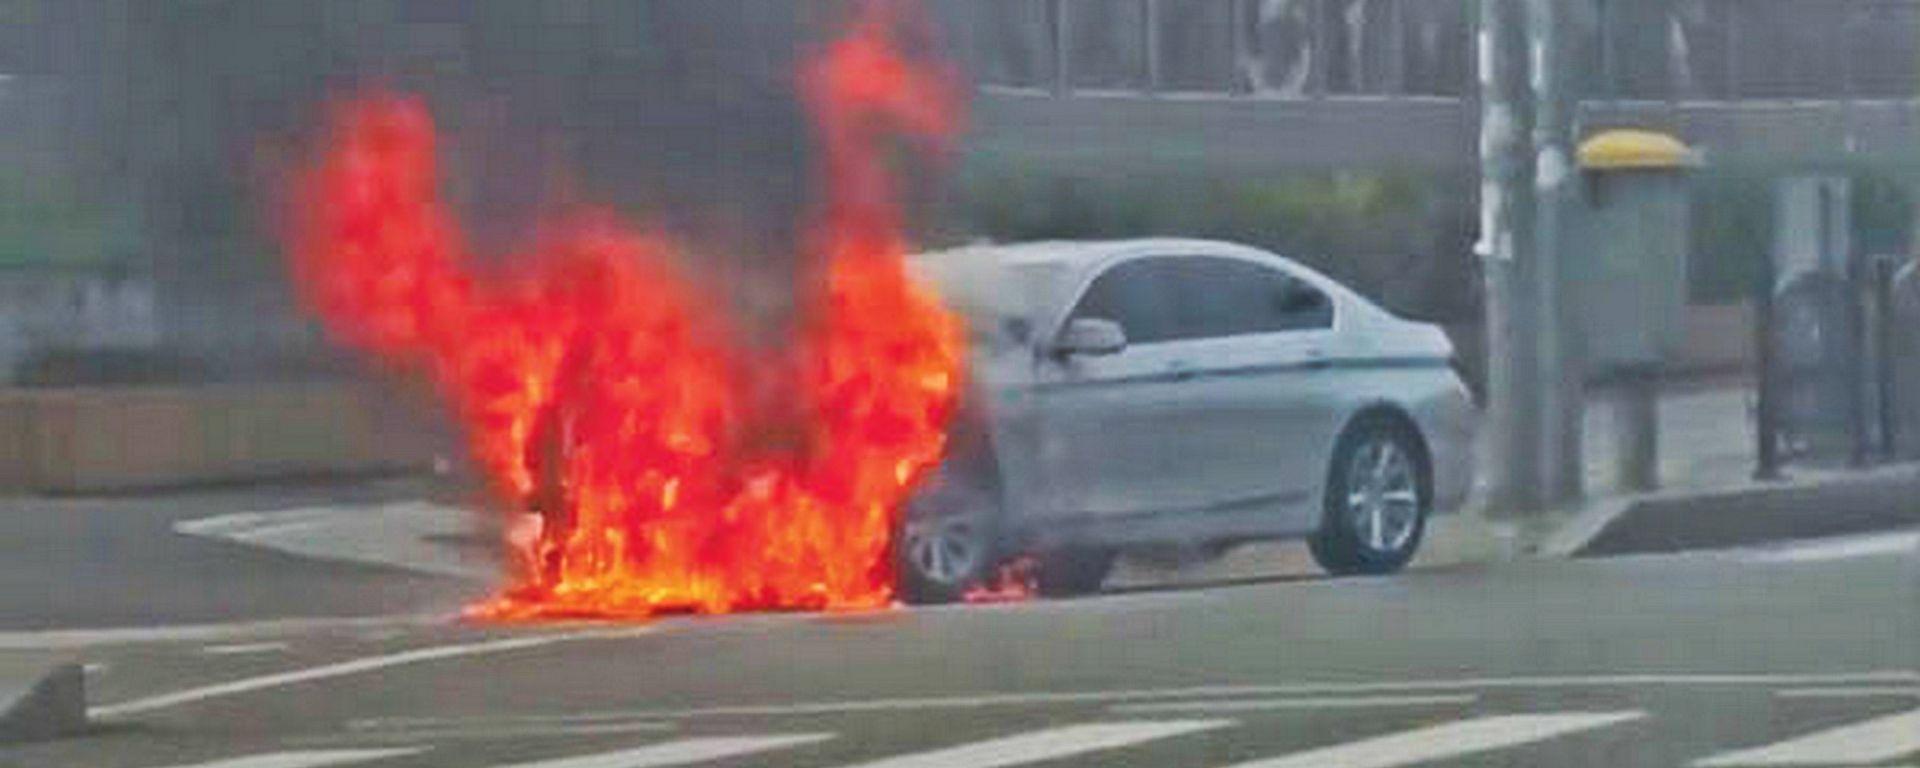 BMW maxi richiamo in Europa dopo 27 incendi in Corea del Sud